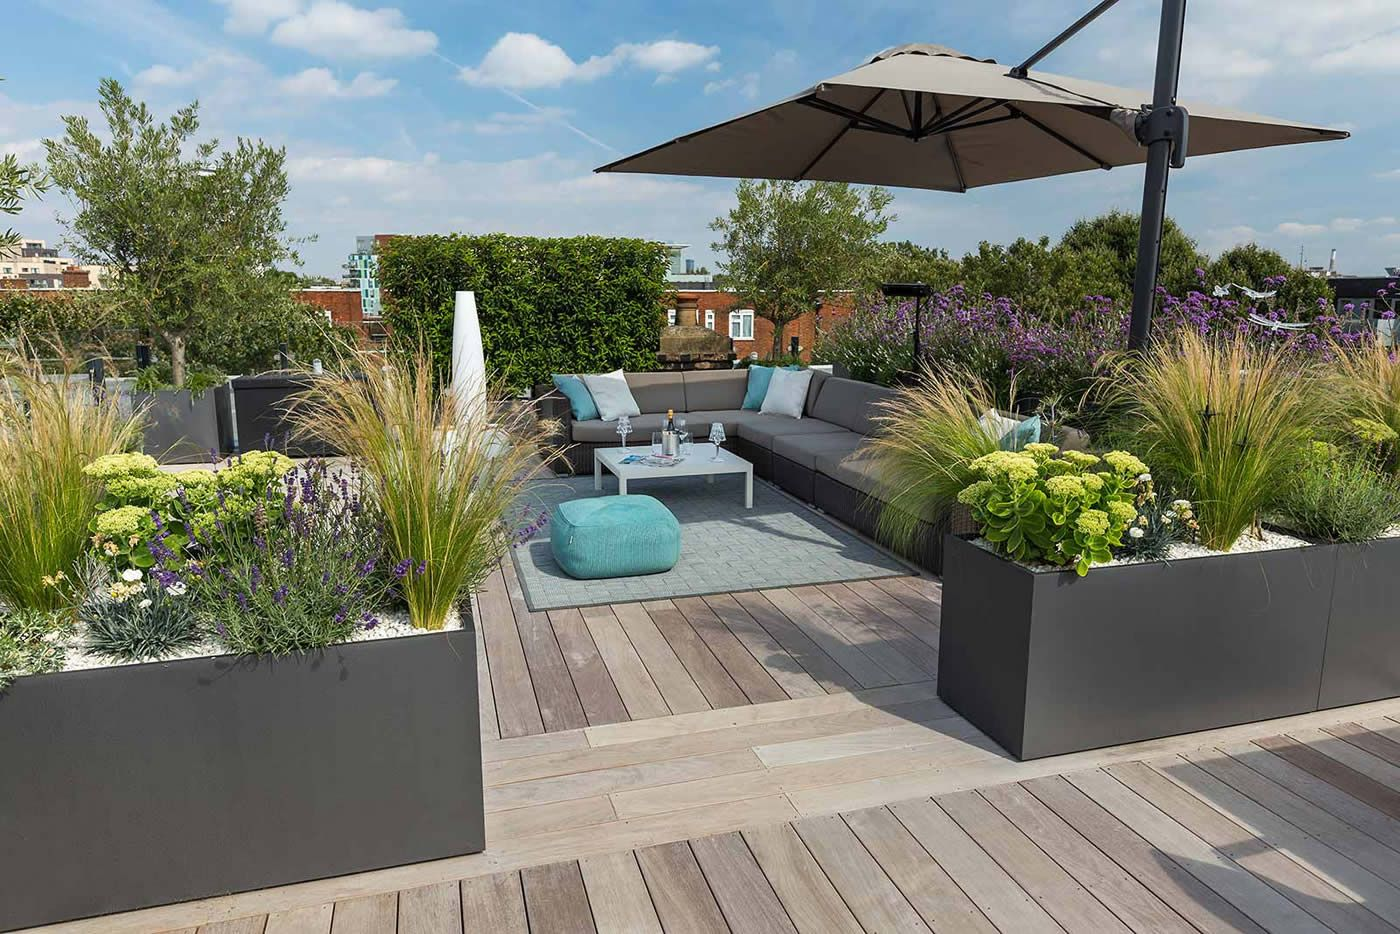 Eigentijds luxe en onderhoudsvriendelijk dakterras rooftop